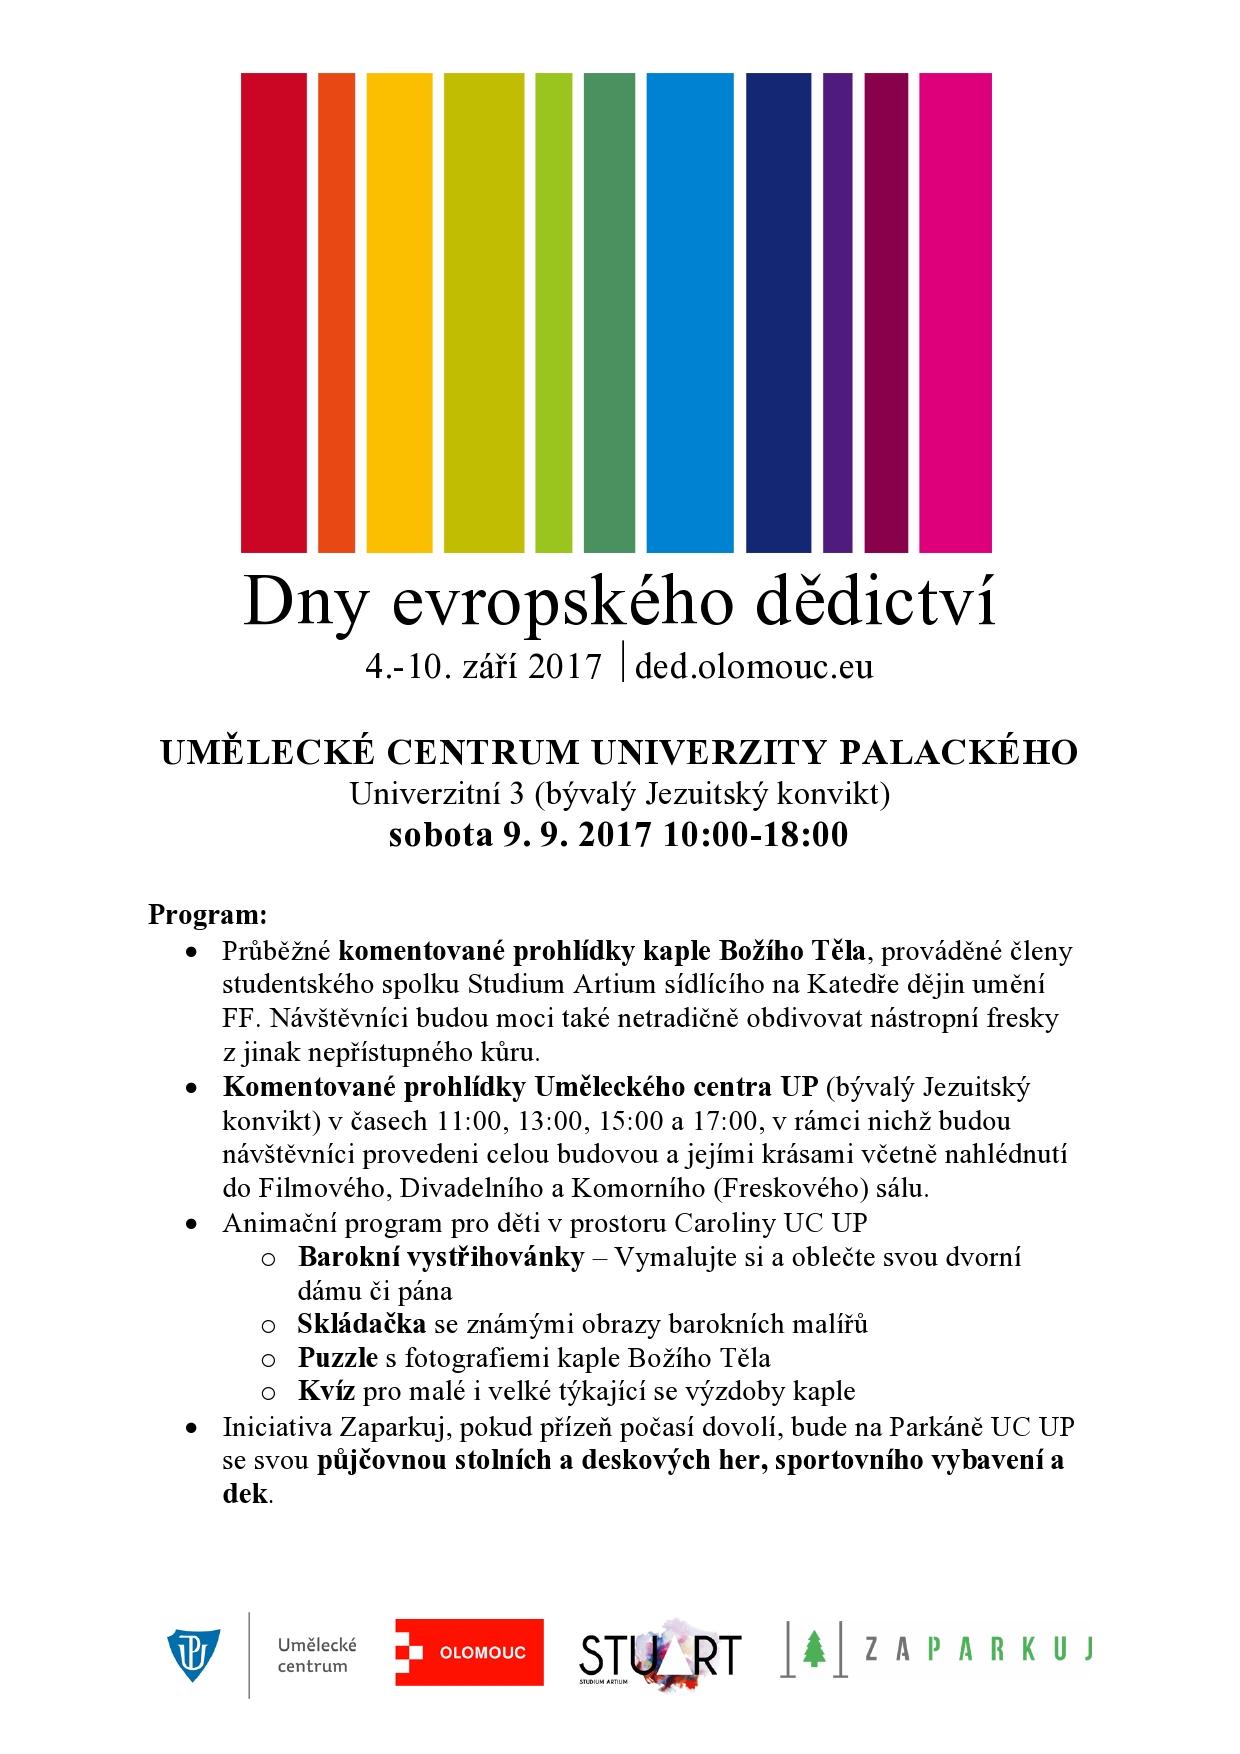 Dny evropského dědictví 2017-page0001